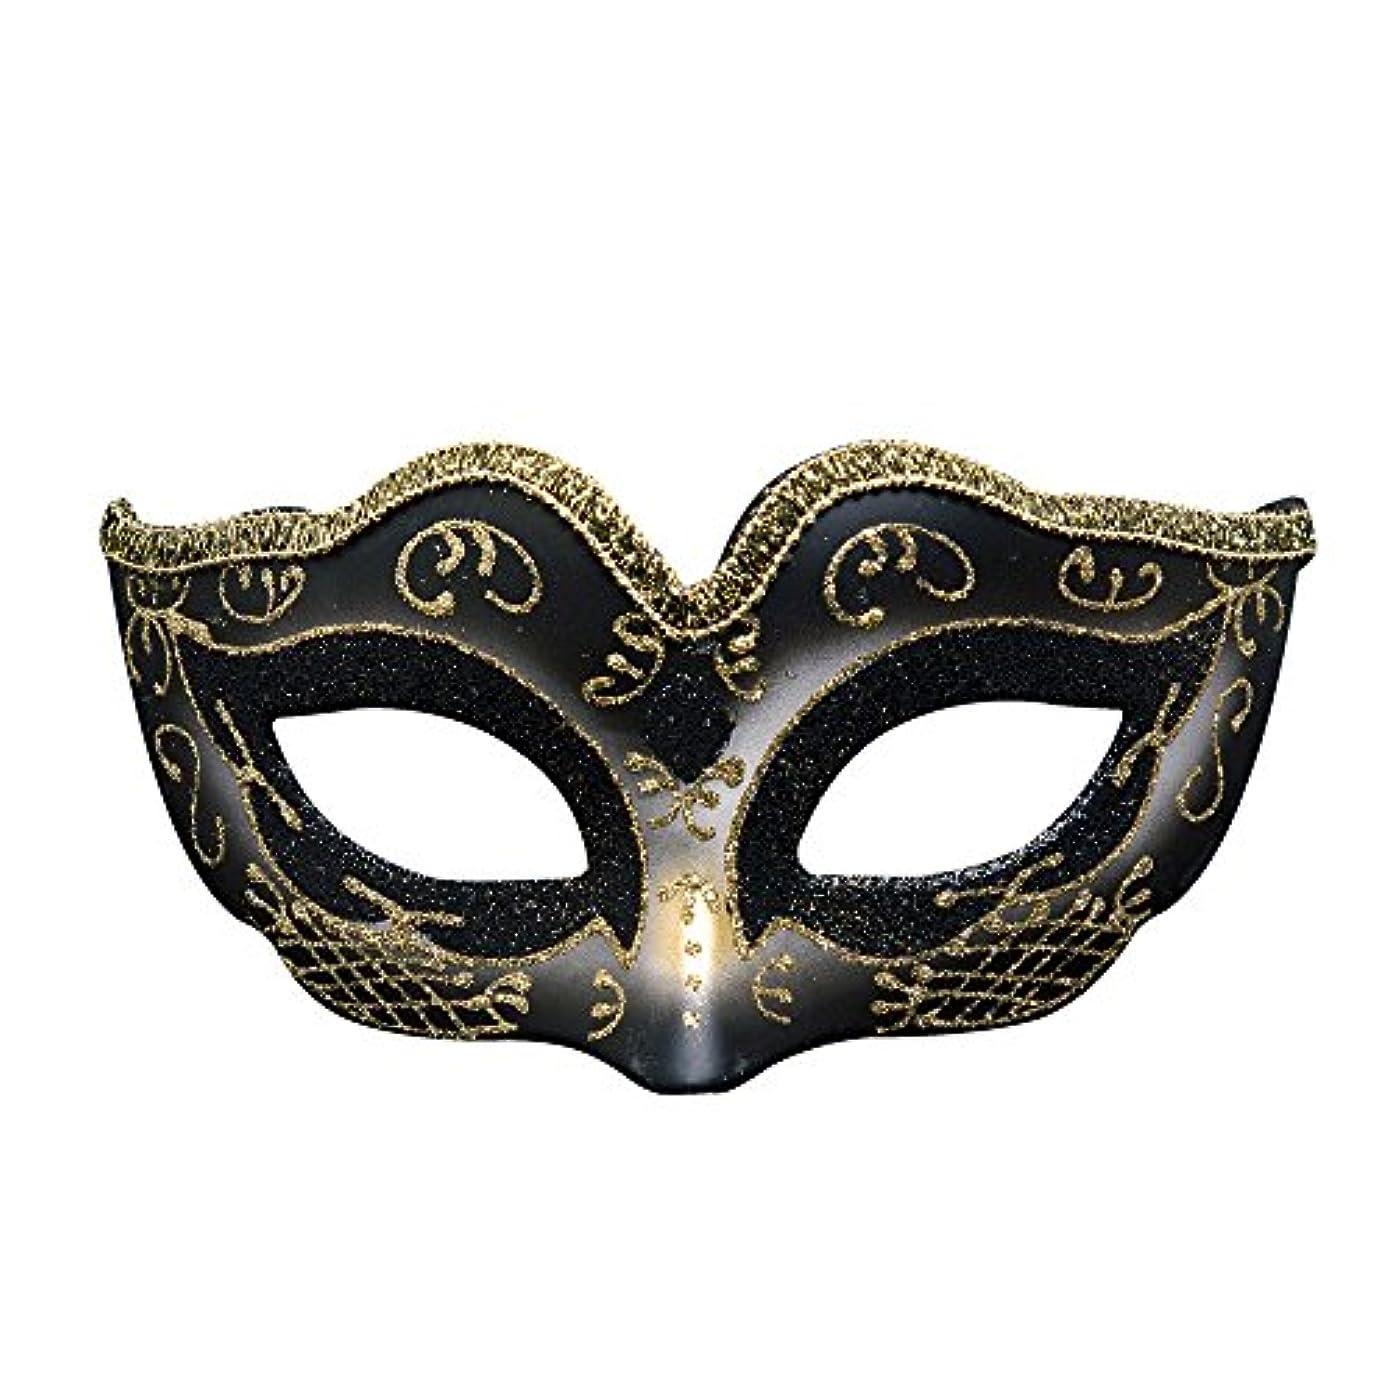 この泣くいたずらなクリエイティブカスタム子供のなりすましパーティーハロウィーンマスククリスマス雰囲気マスク (Color : G)